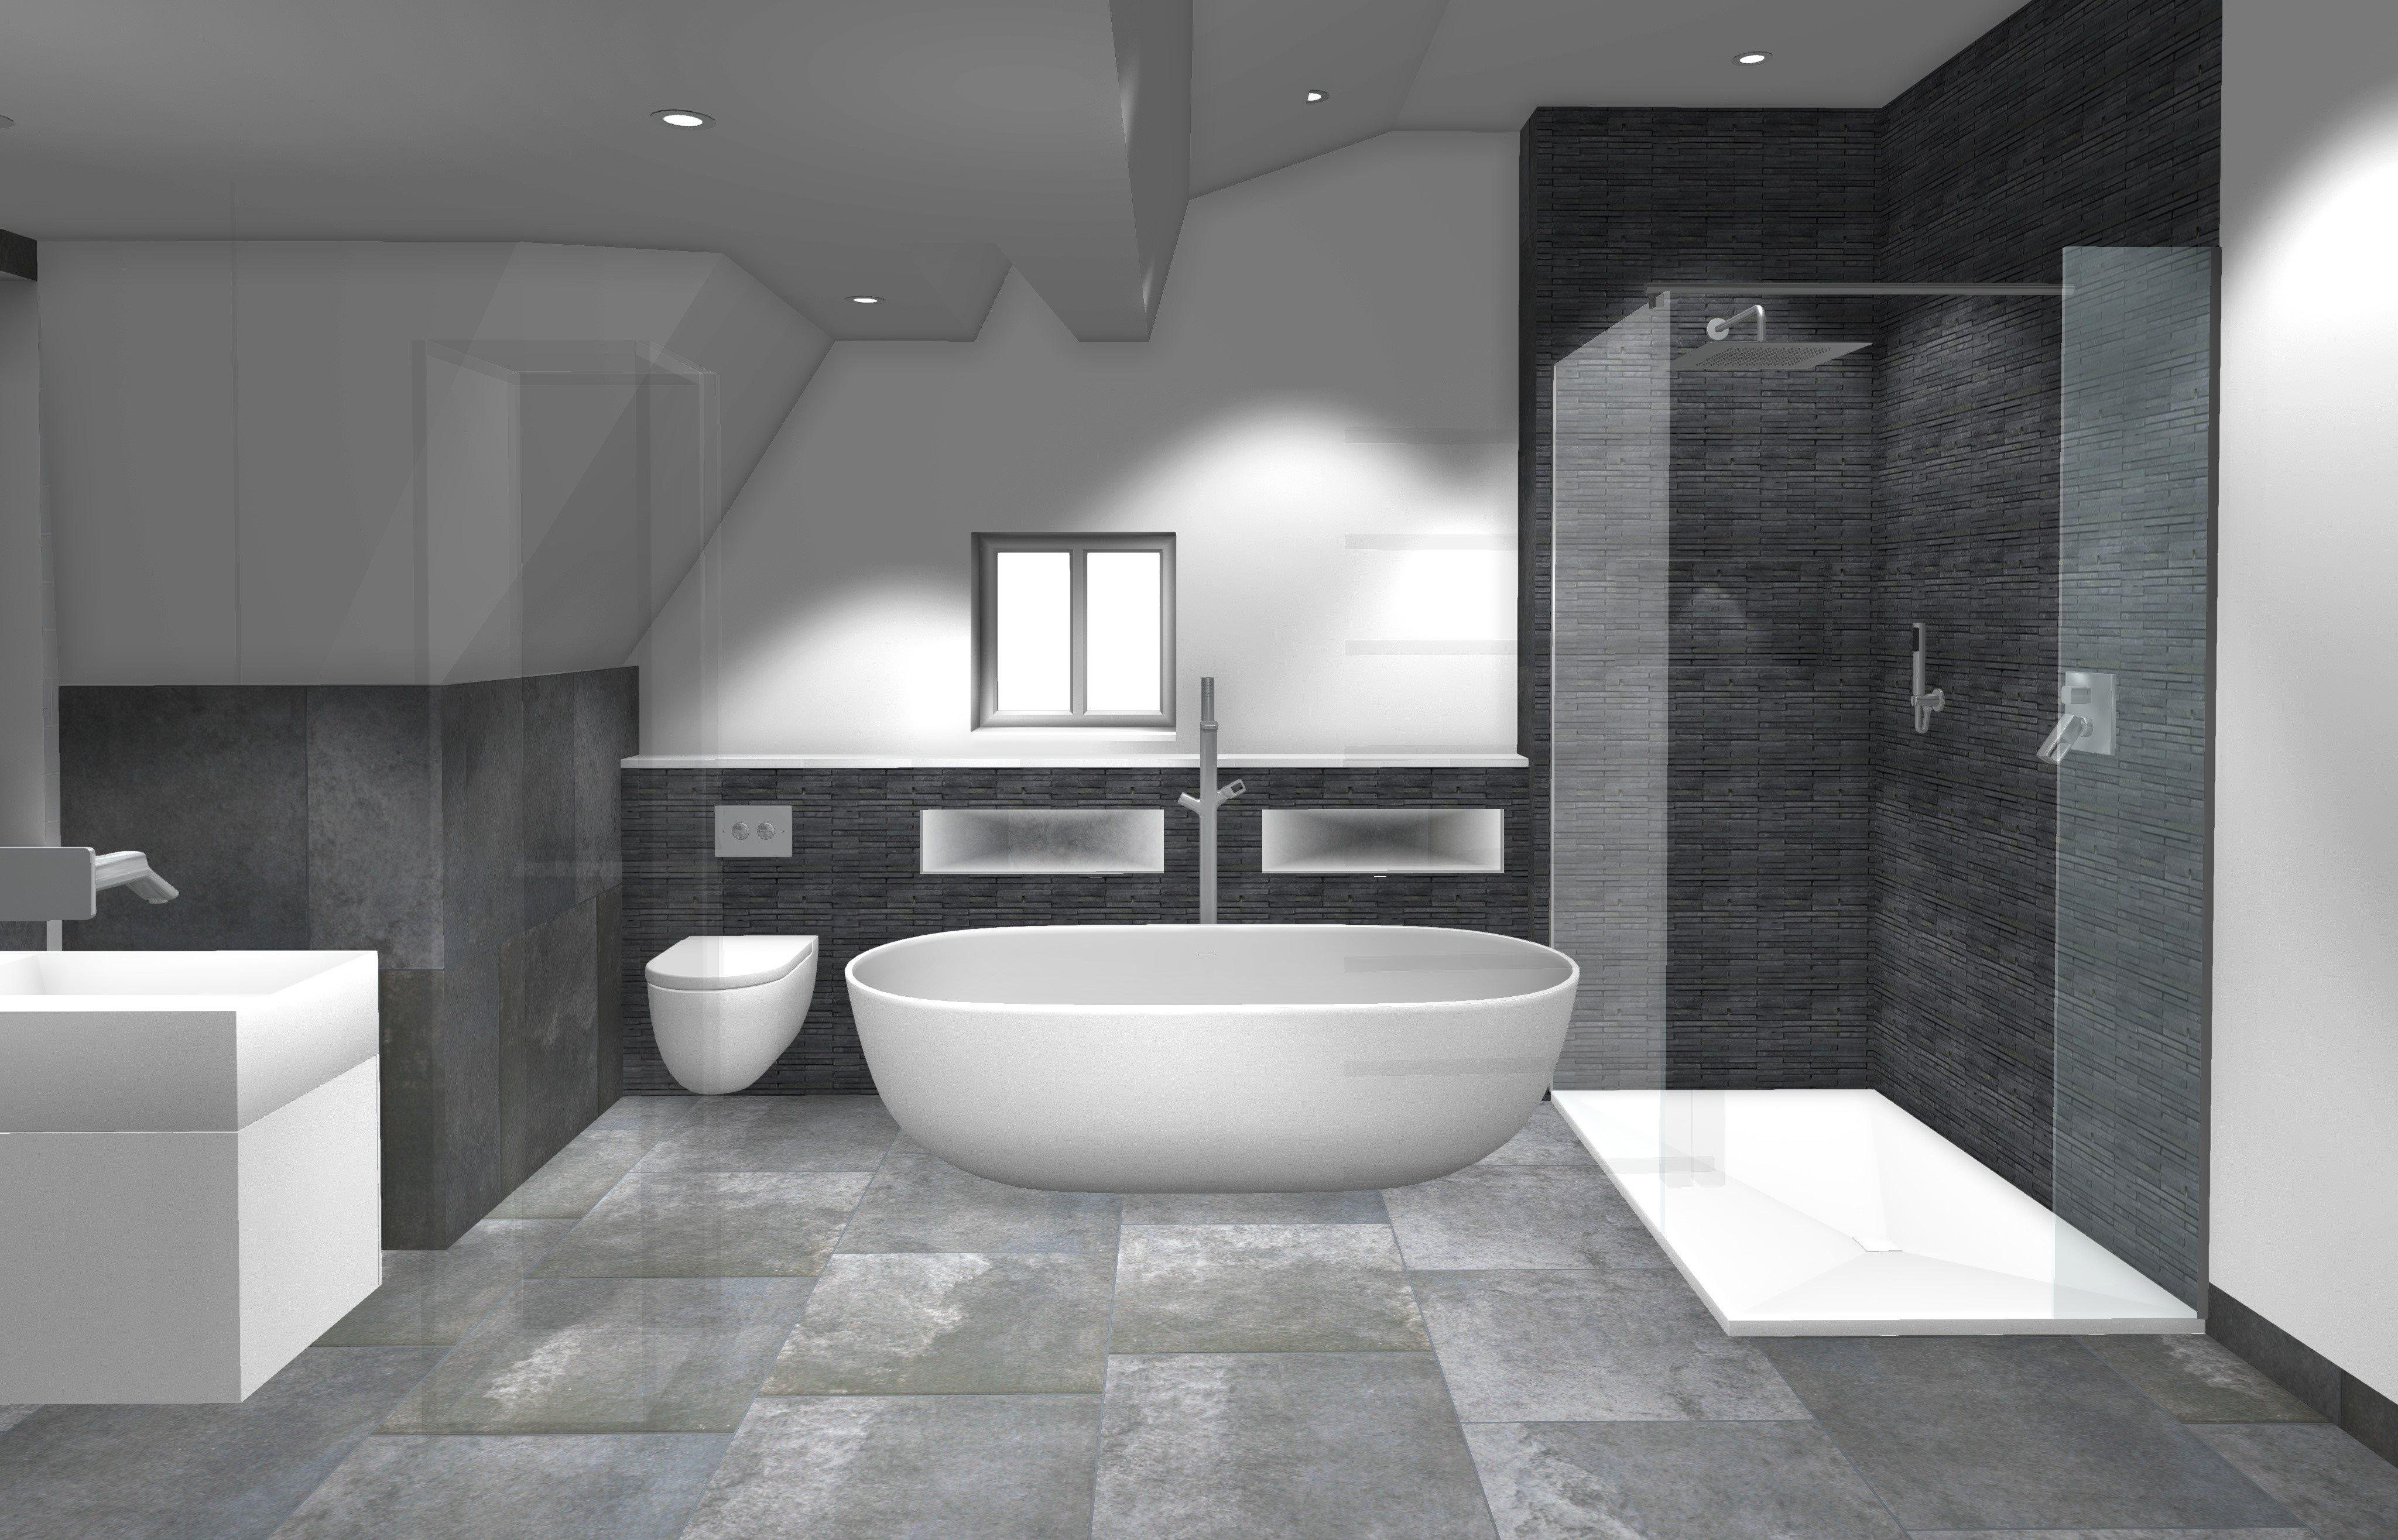 Blog - Design of the Week: Loft Bathroom in Ealing